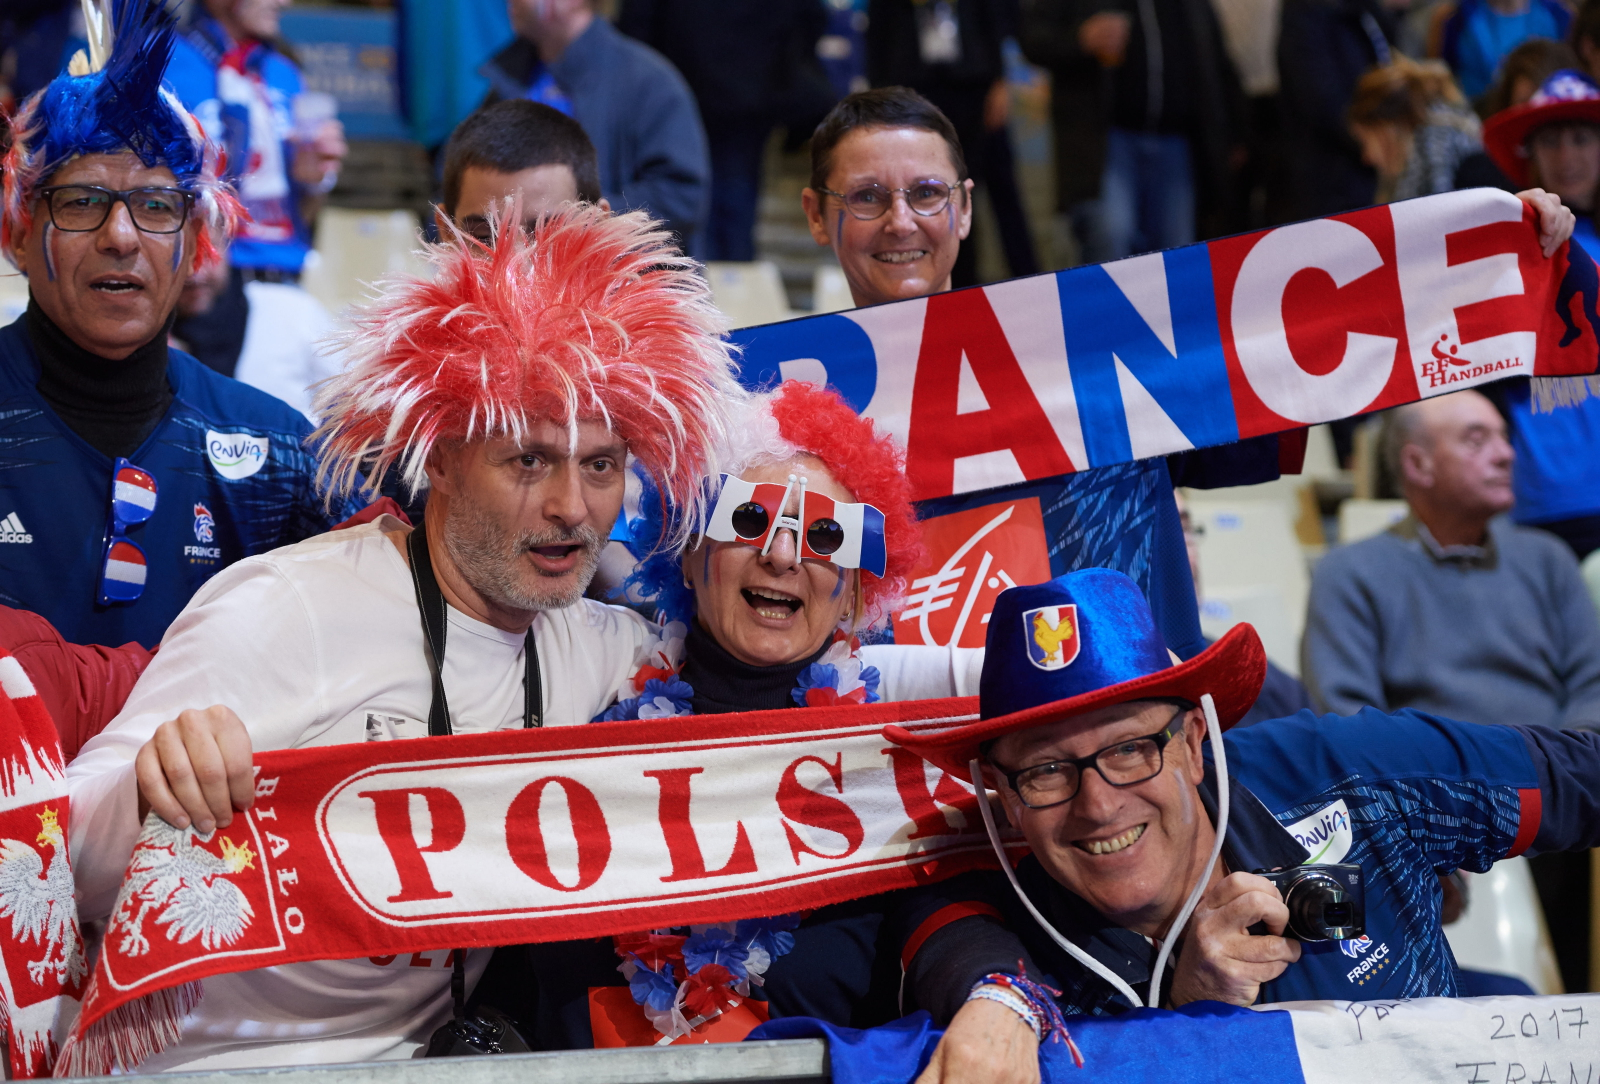 Kibice na trybunach przed meczem Polska - Francja w grupie A Mistrzostw ŒŚwiata piłkarzy ręcznych we Francji w Nantes. Fot. PAP/Adam Warżawa